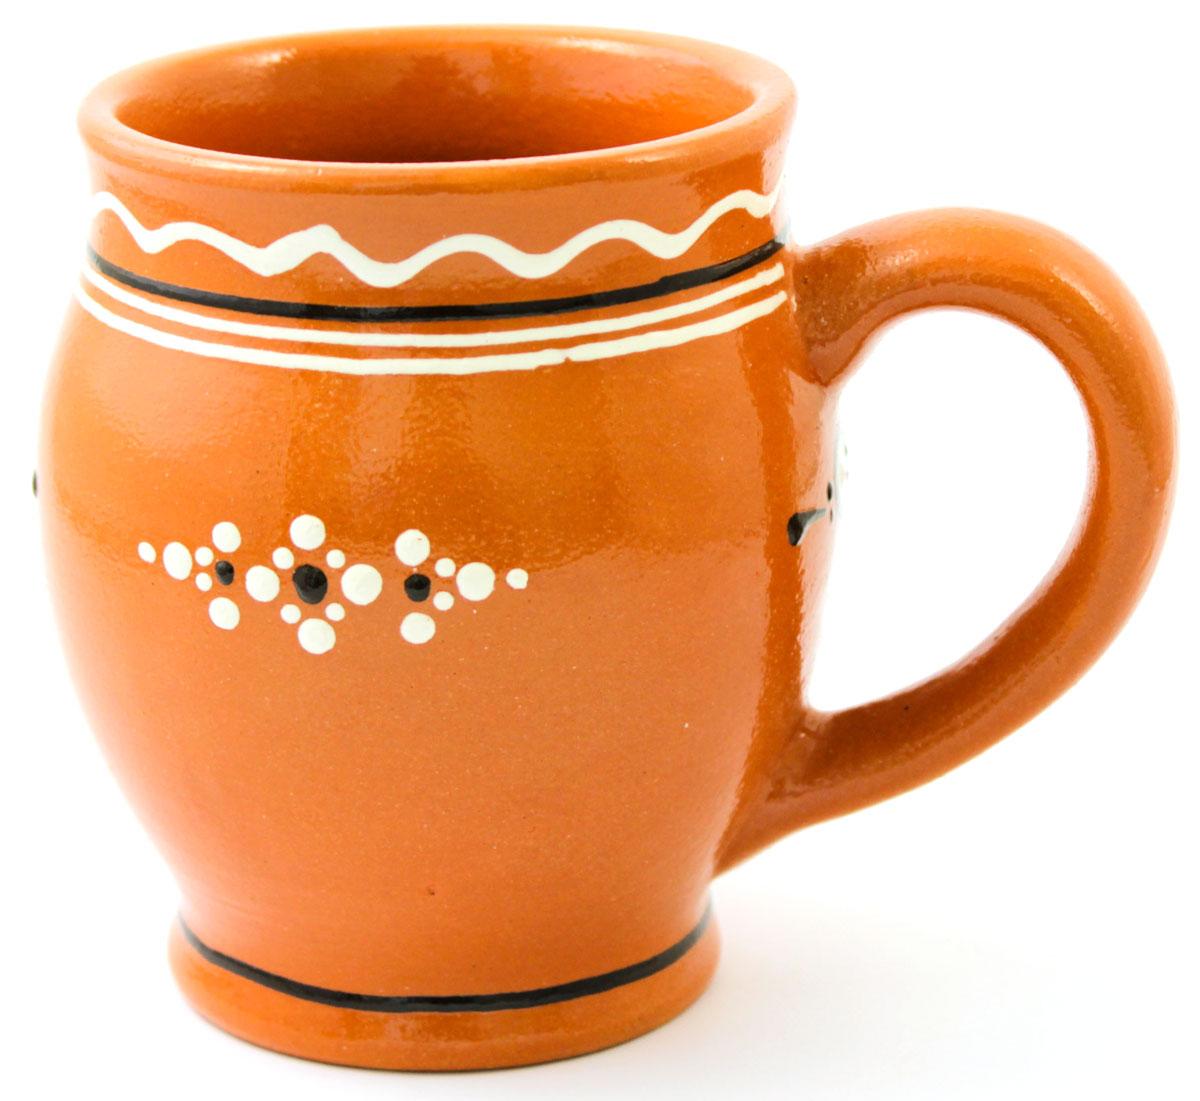 Кружка для кваса Ломоносовская керамика Оятские мотивы, 500 млЛ0724Кружка для кваса Ломоносовская керамика Оятские мотивы выполнена из высококачественной глины и оформлена оригинальным рисунком. Такая кружка прекрасно оформит стол и станет его неизменным атрибутом.